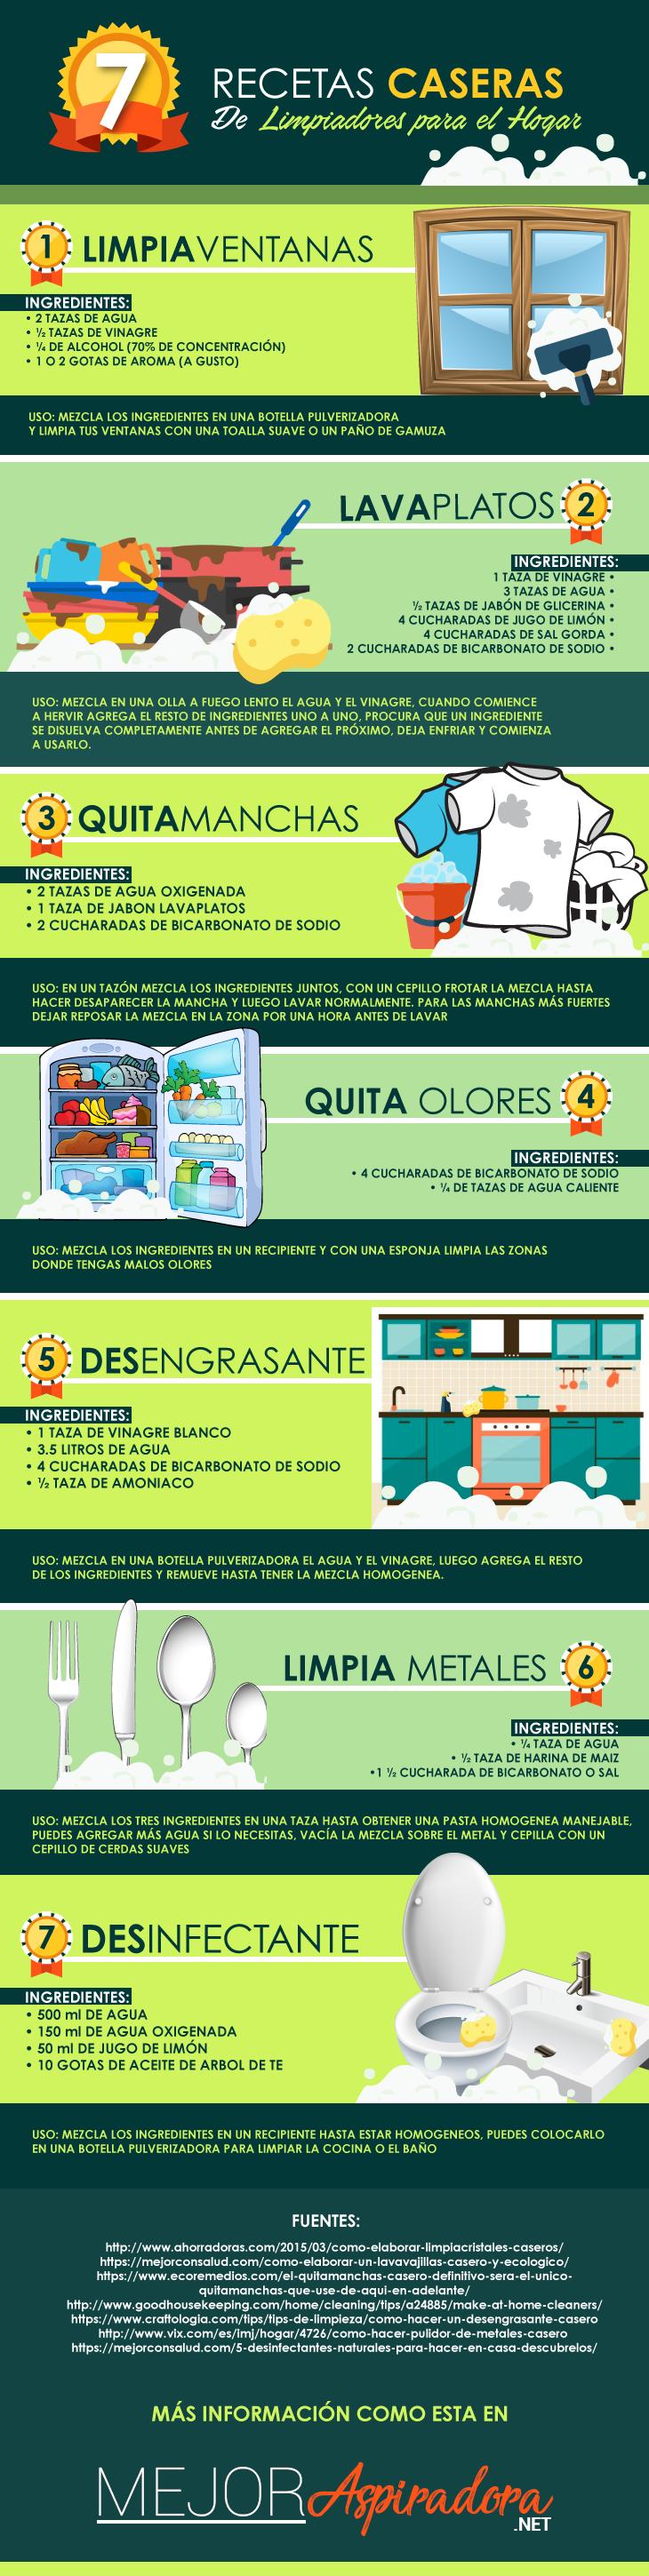 recetas caseras de limpiadores para el hogar